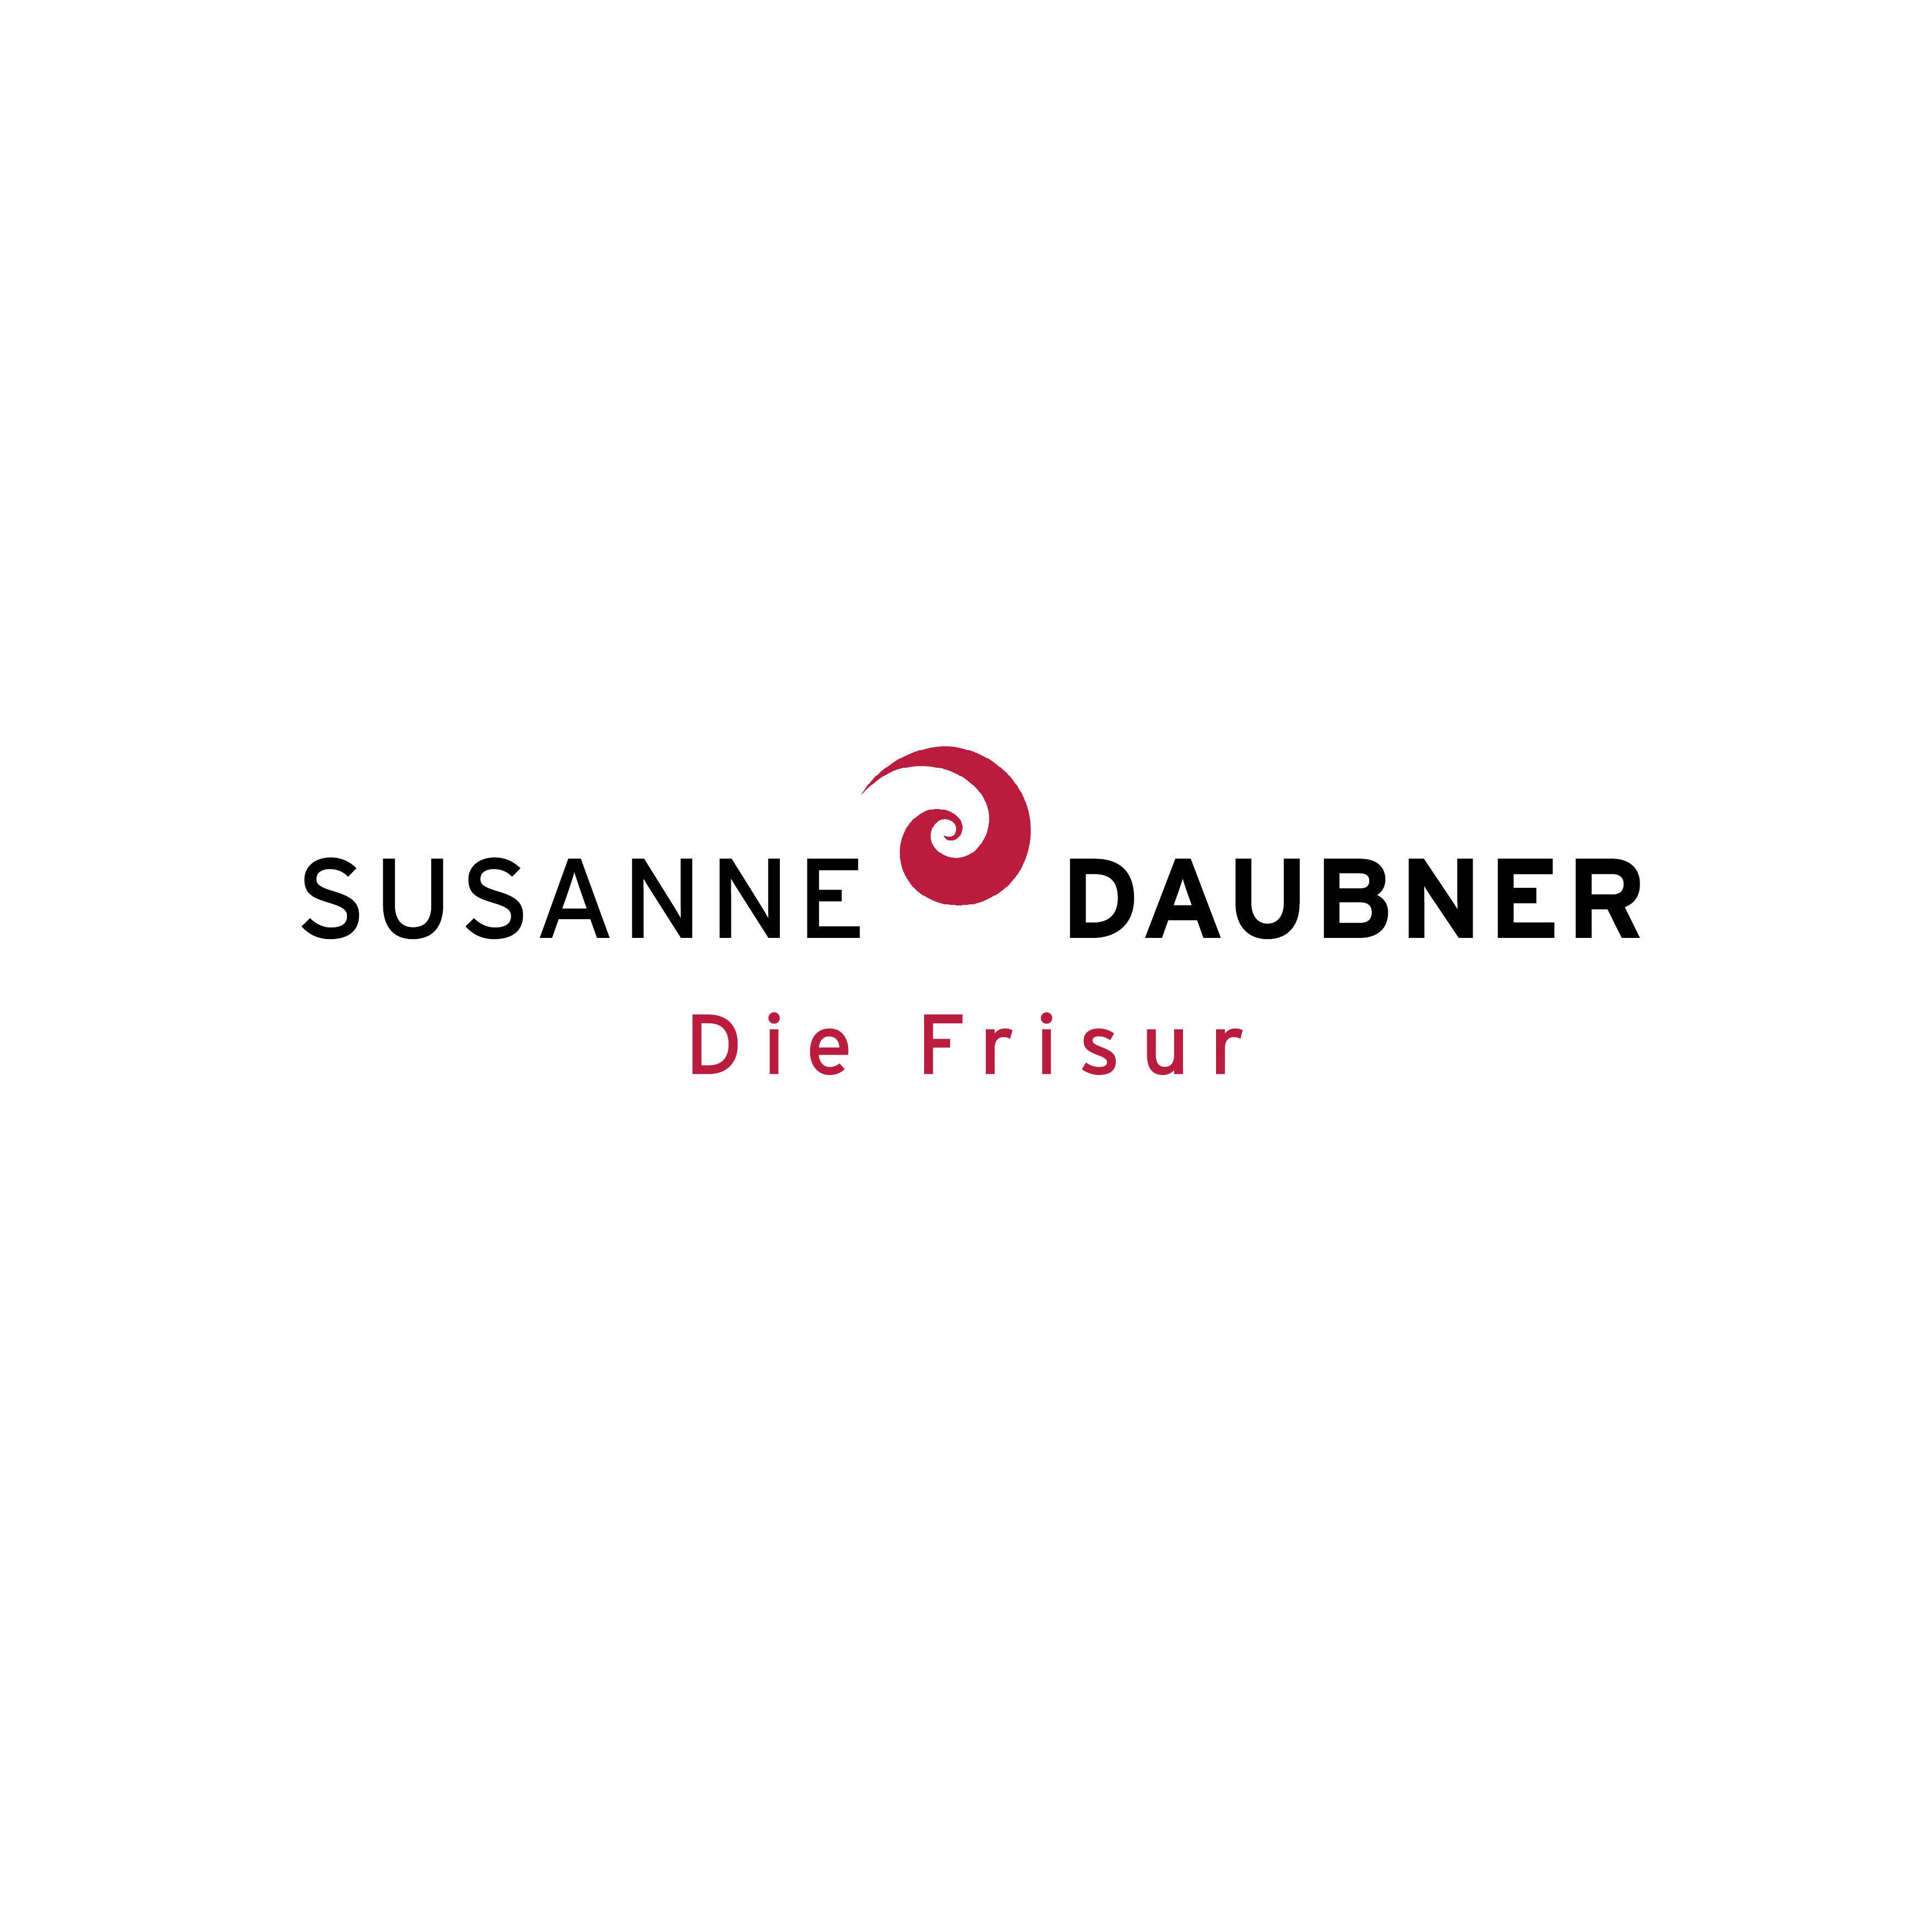 Bild zu Susanne Daubner Die Frisur in Hannover